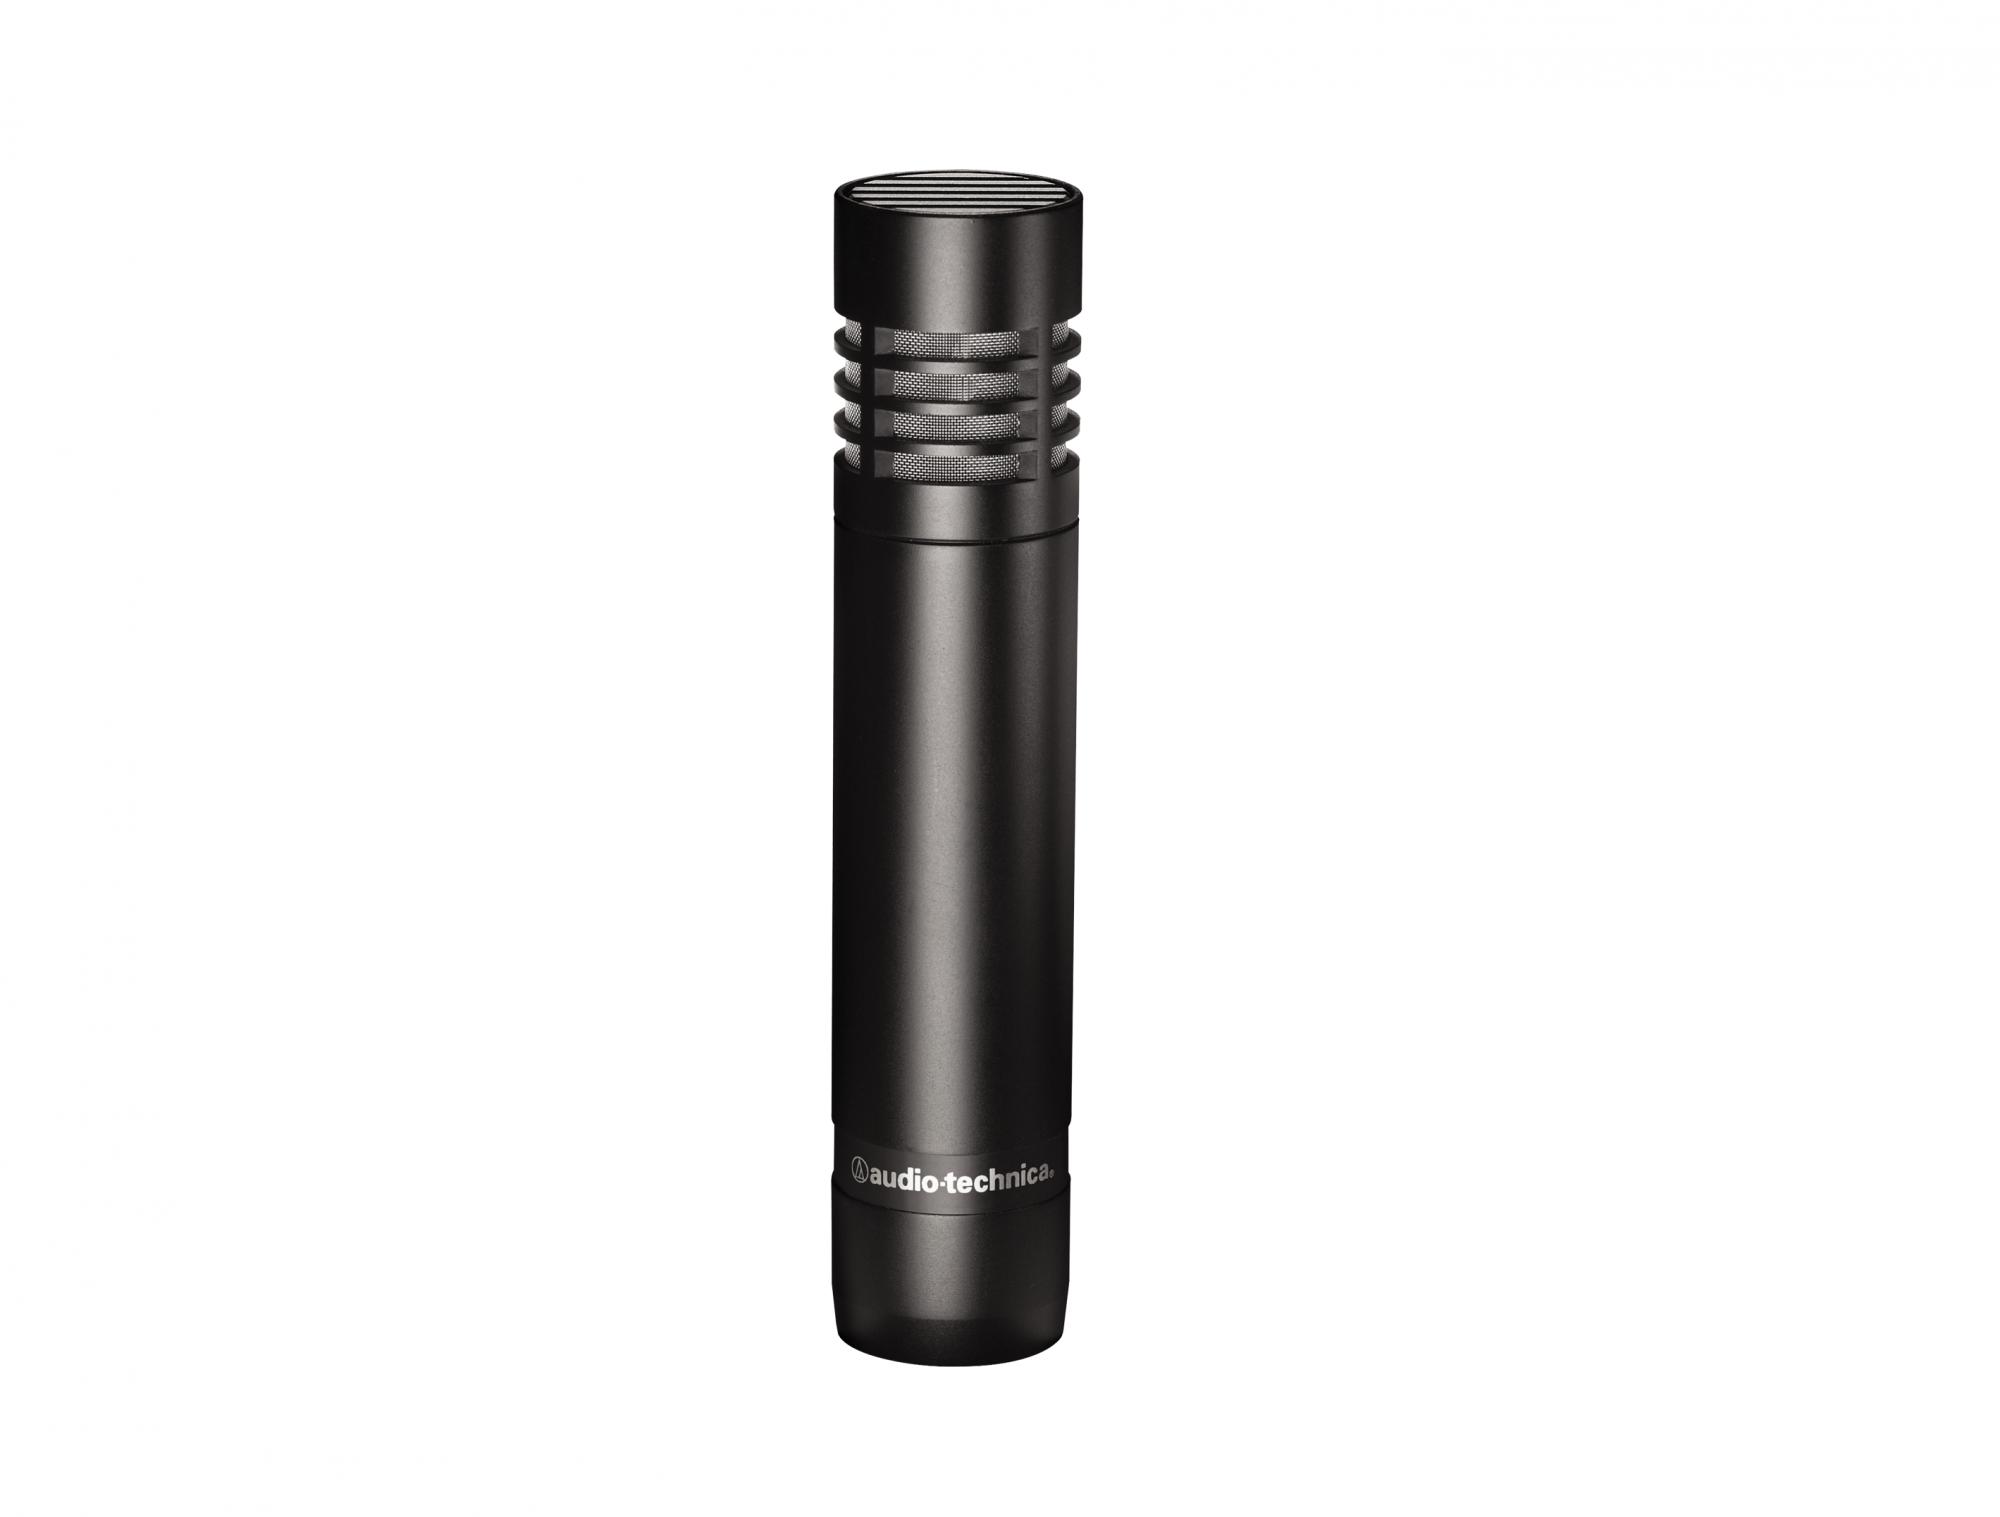 Audio Technica 2021 Cardioid Condenser Mic